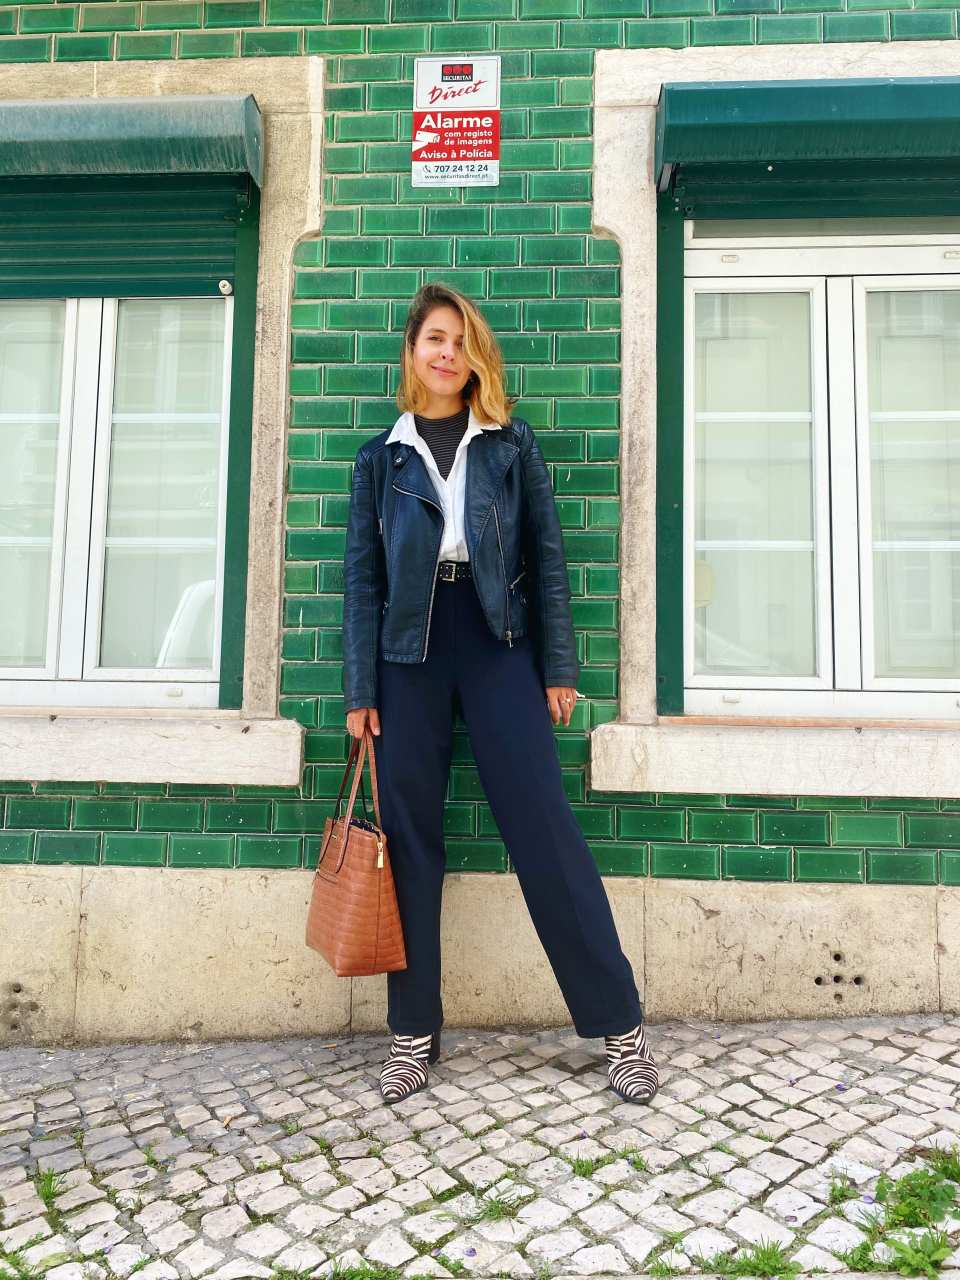 Marcie está posando em frente a um prédio com tijolos verde esmeralda e janelas brancas. O look é composto por turtle neck listrada usada por baixo de uma camisa branca com gola pra fora, jaqueta de couro preta biker, calça de alfaiataria preta, bolsa de croco caramelo e bota peluda de zebra.